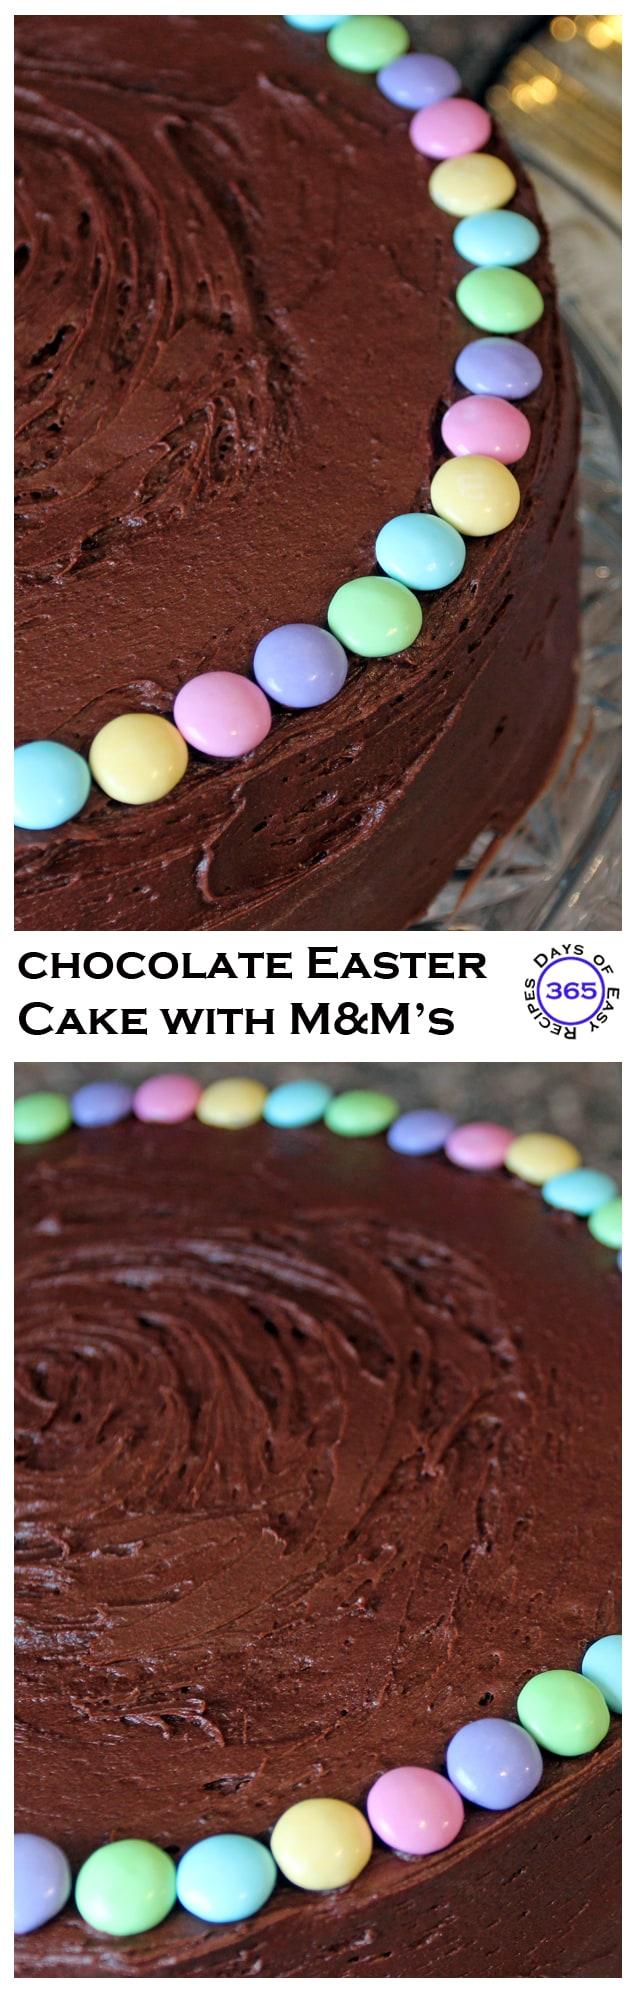 AuBergewohnlich Cheesecake Factory Peanut Butter Chocolate Cake Cheesecake Recipe  Reeseu0027s Caramel Cake Recipe